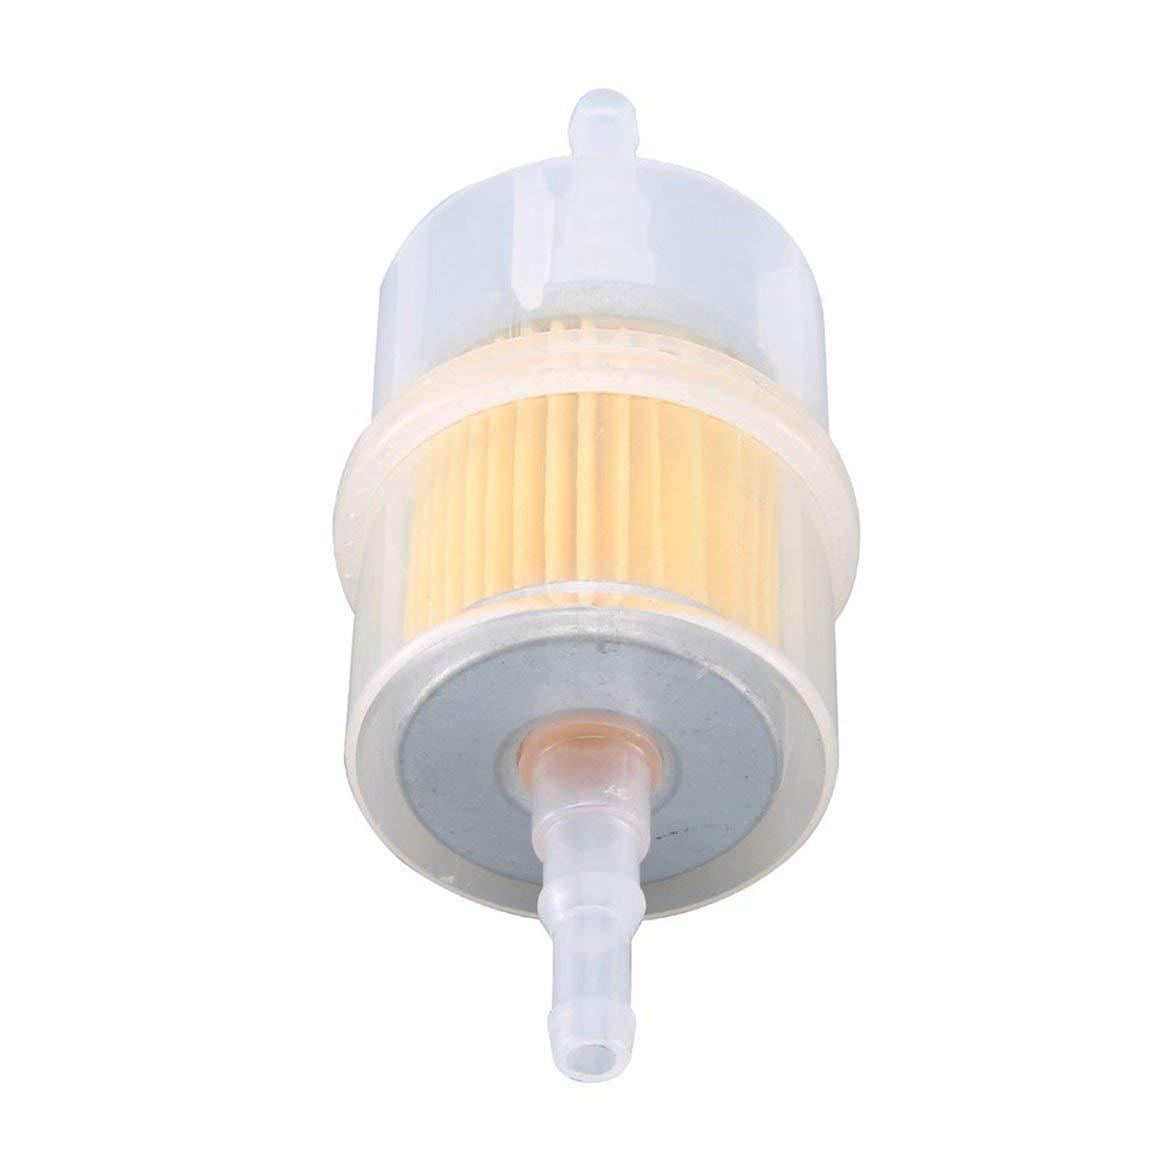 Kongqiabona 932 Inline Fuel Filtro benzina Filtro olio universale grande adatto per tubi da 6 mm 8 mm